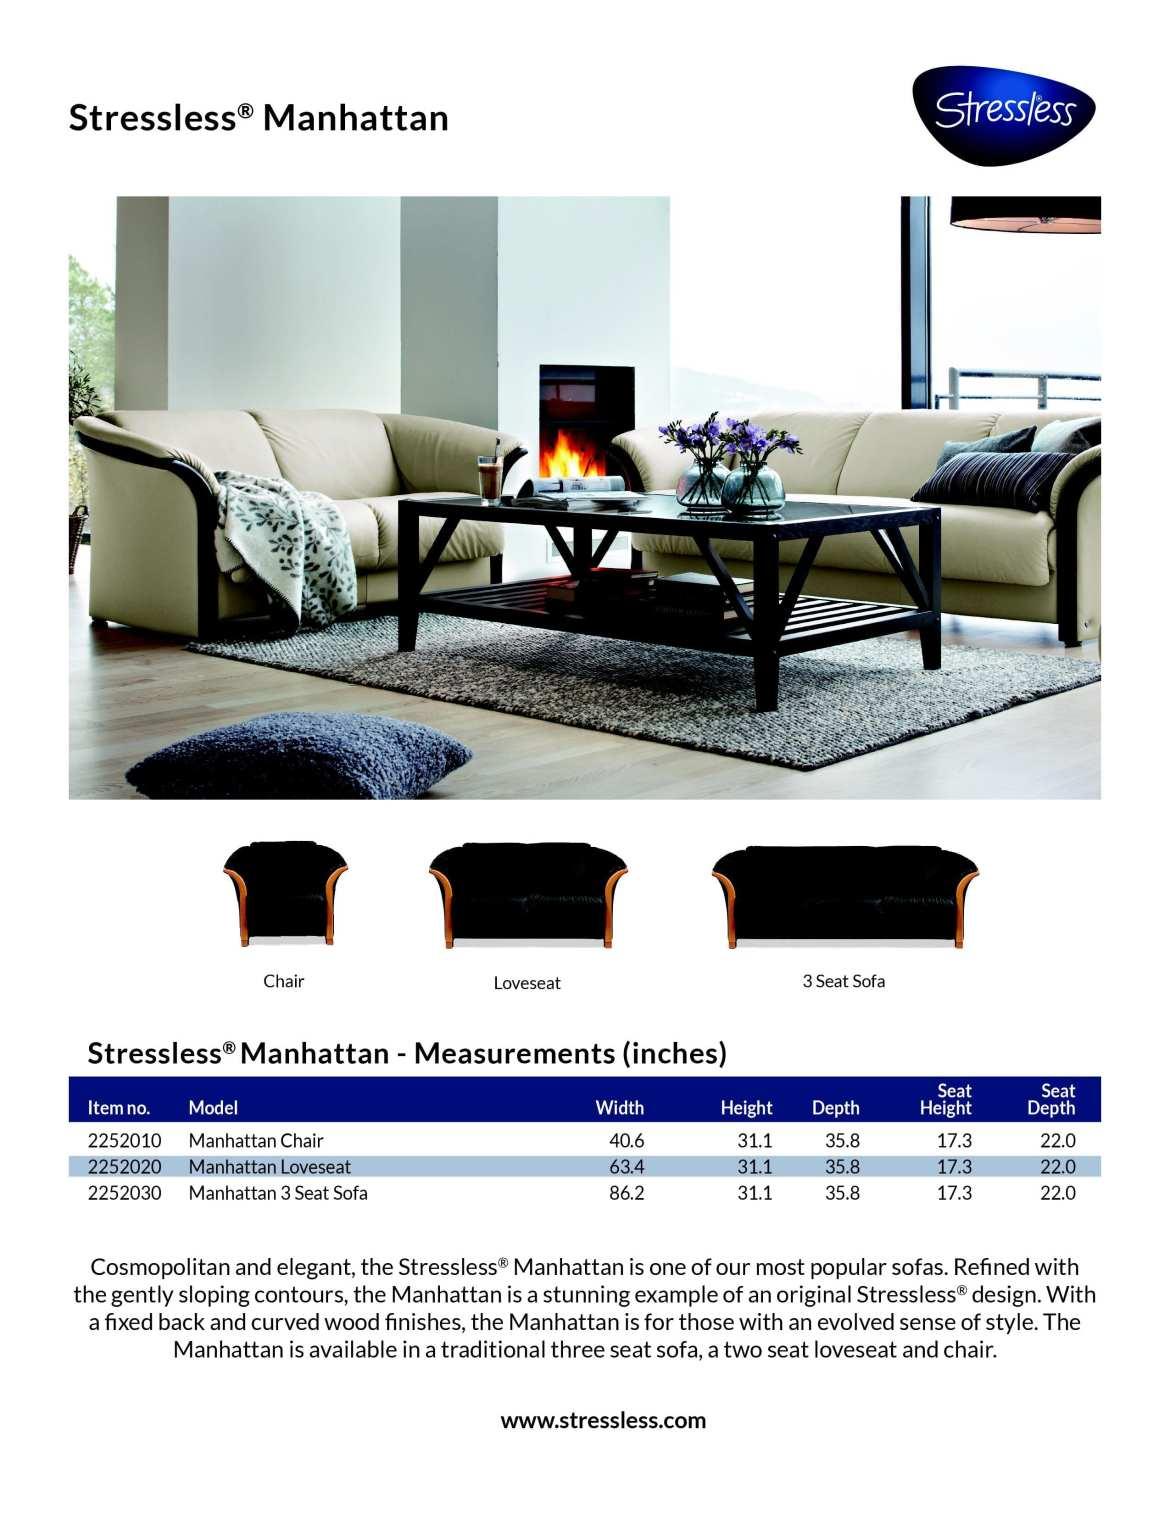 Stressless Manhattan Product Sheet